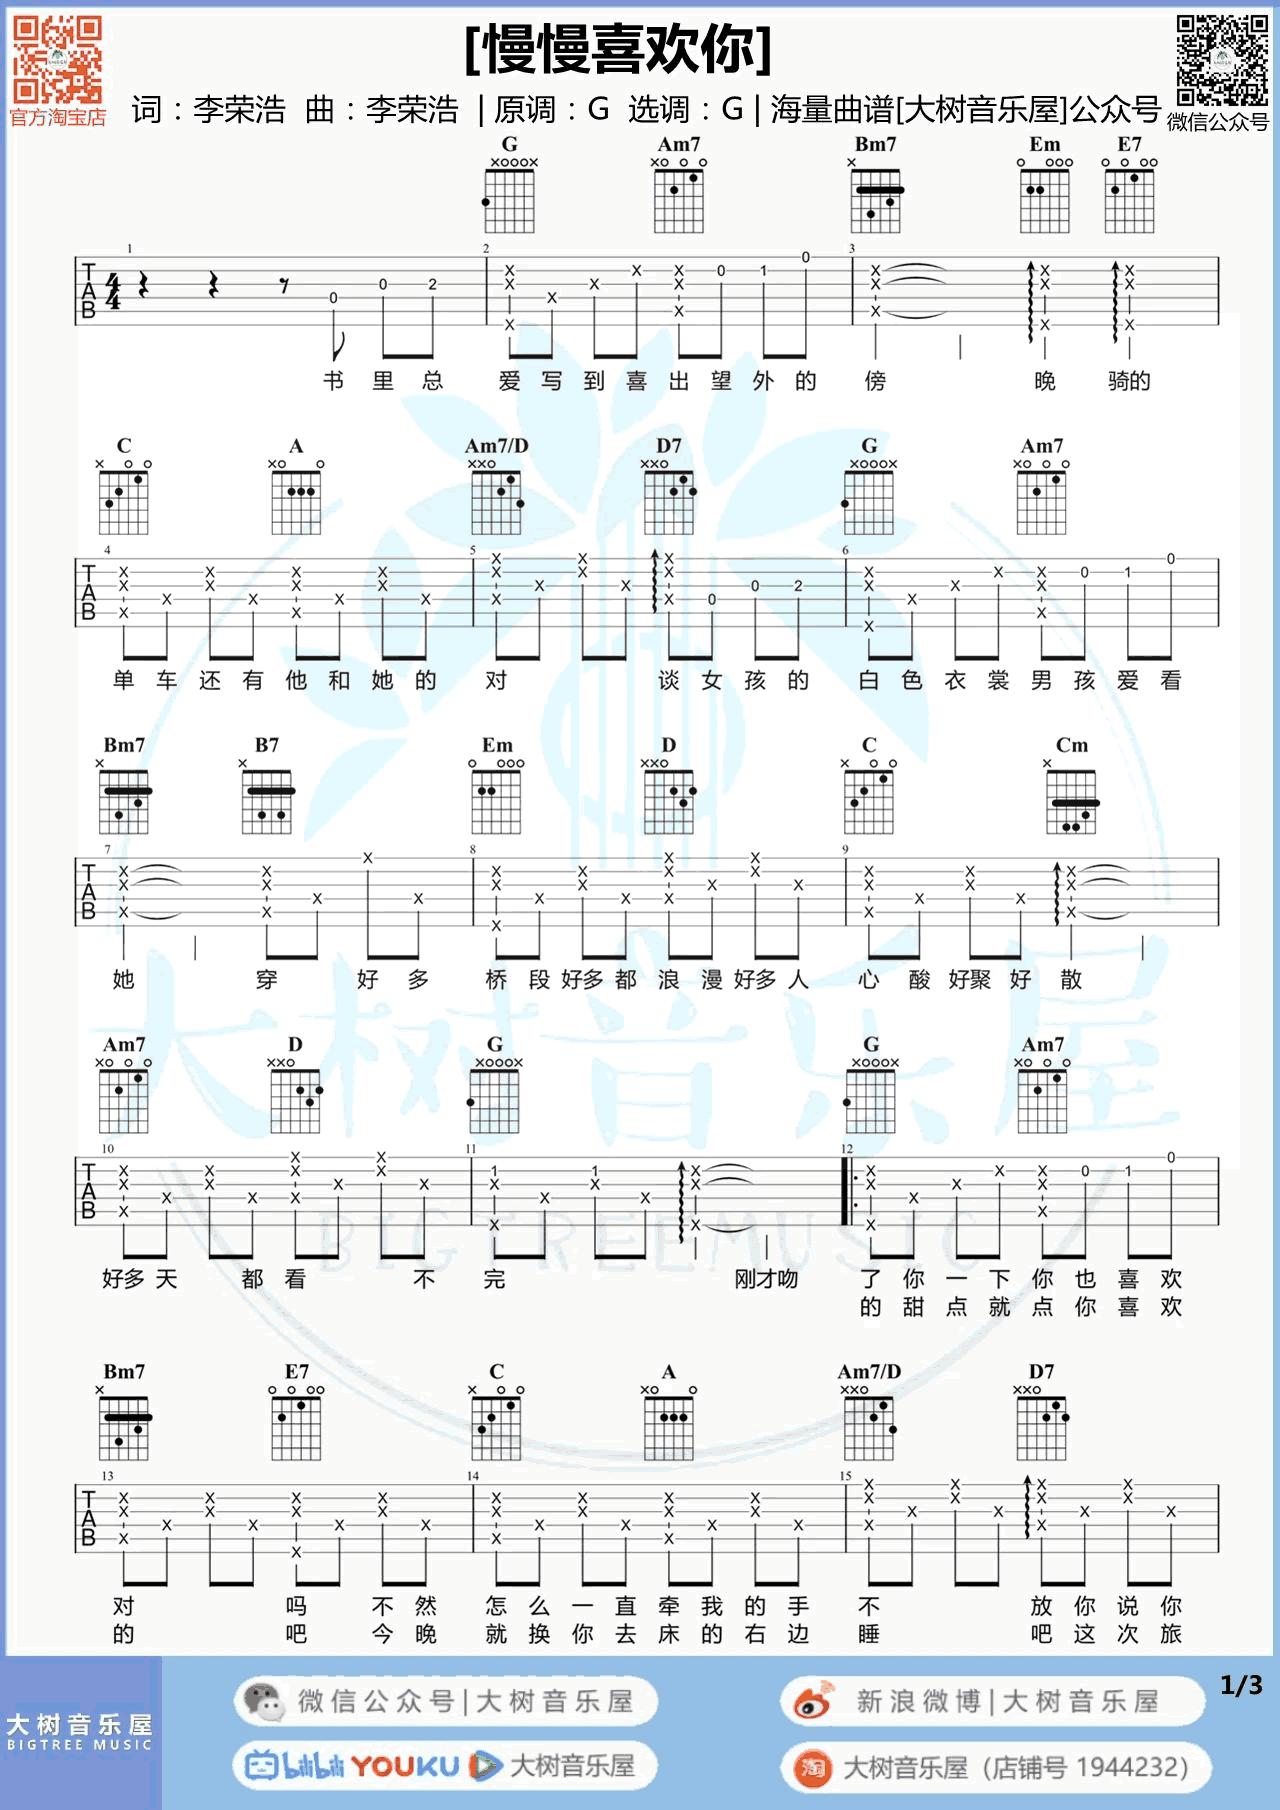 莫文蔚-慢慢喜欢你吉他谱-弹唱教学1